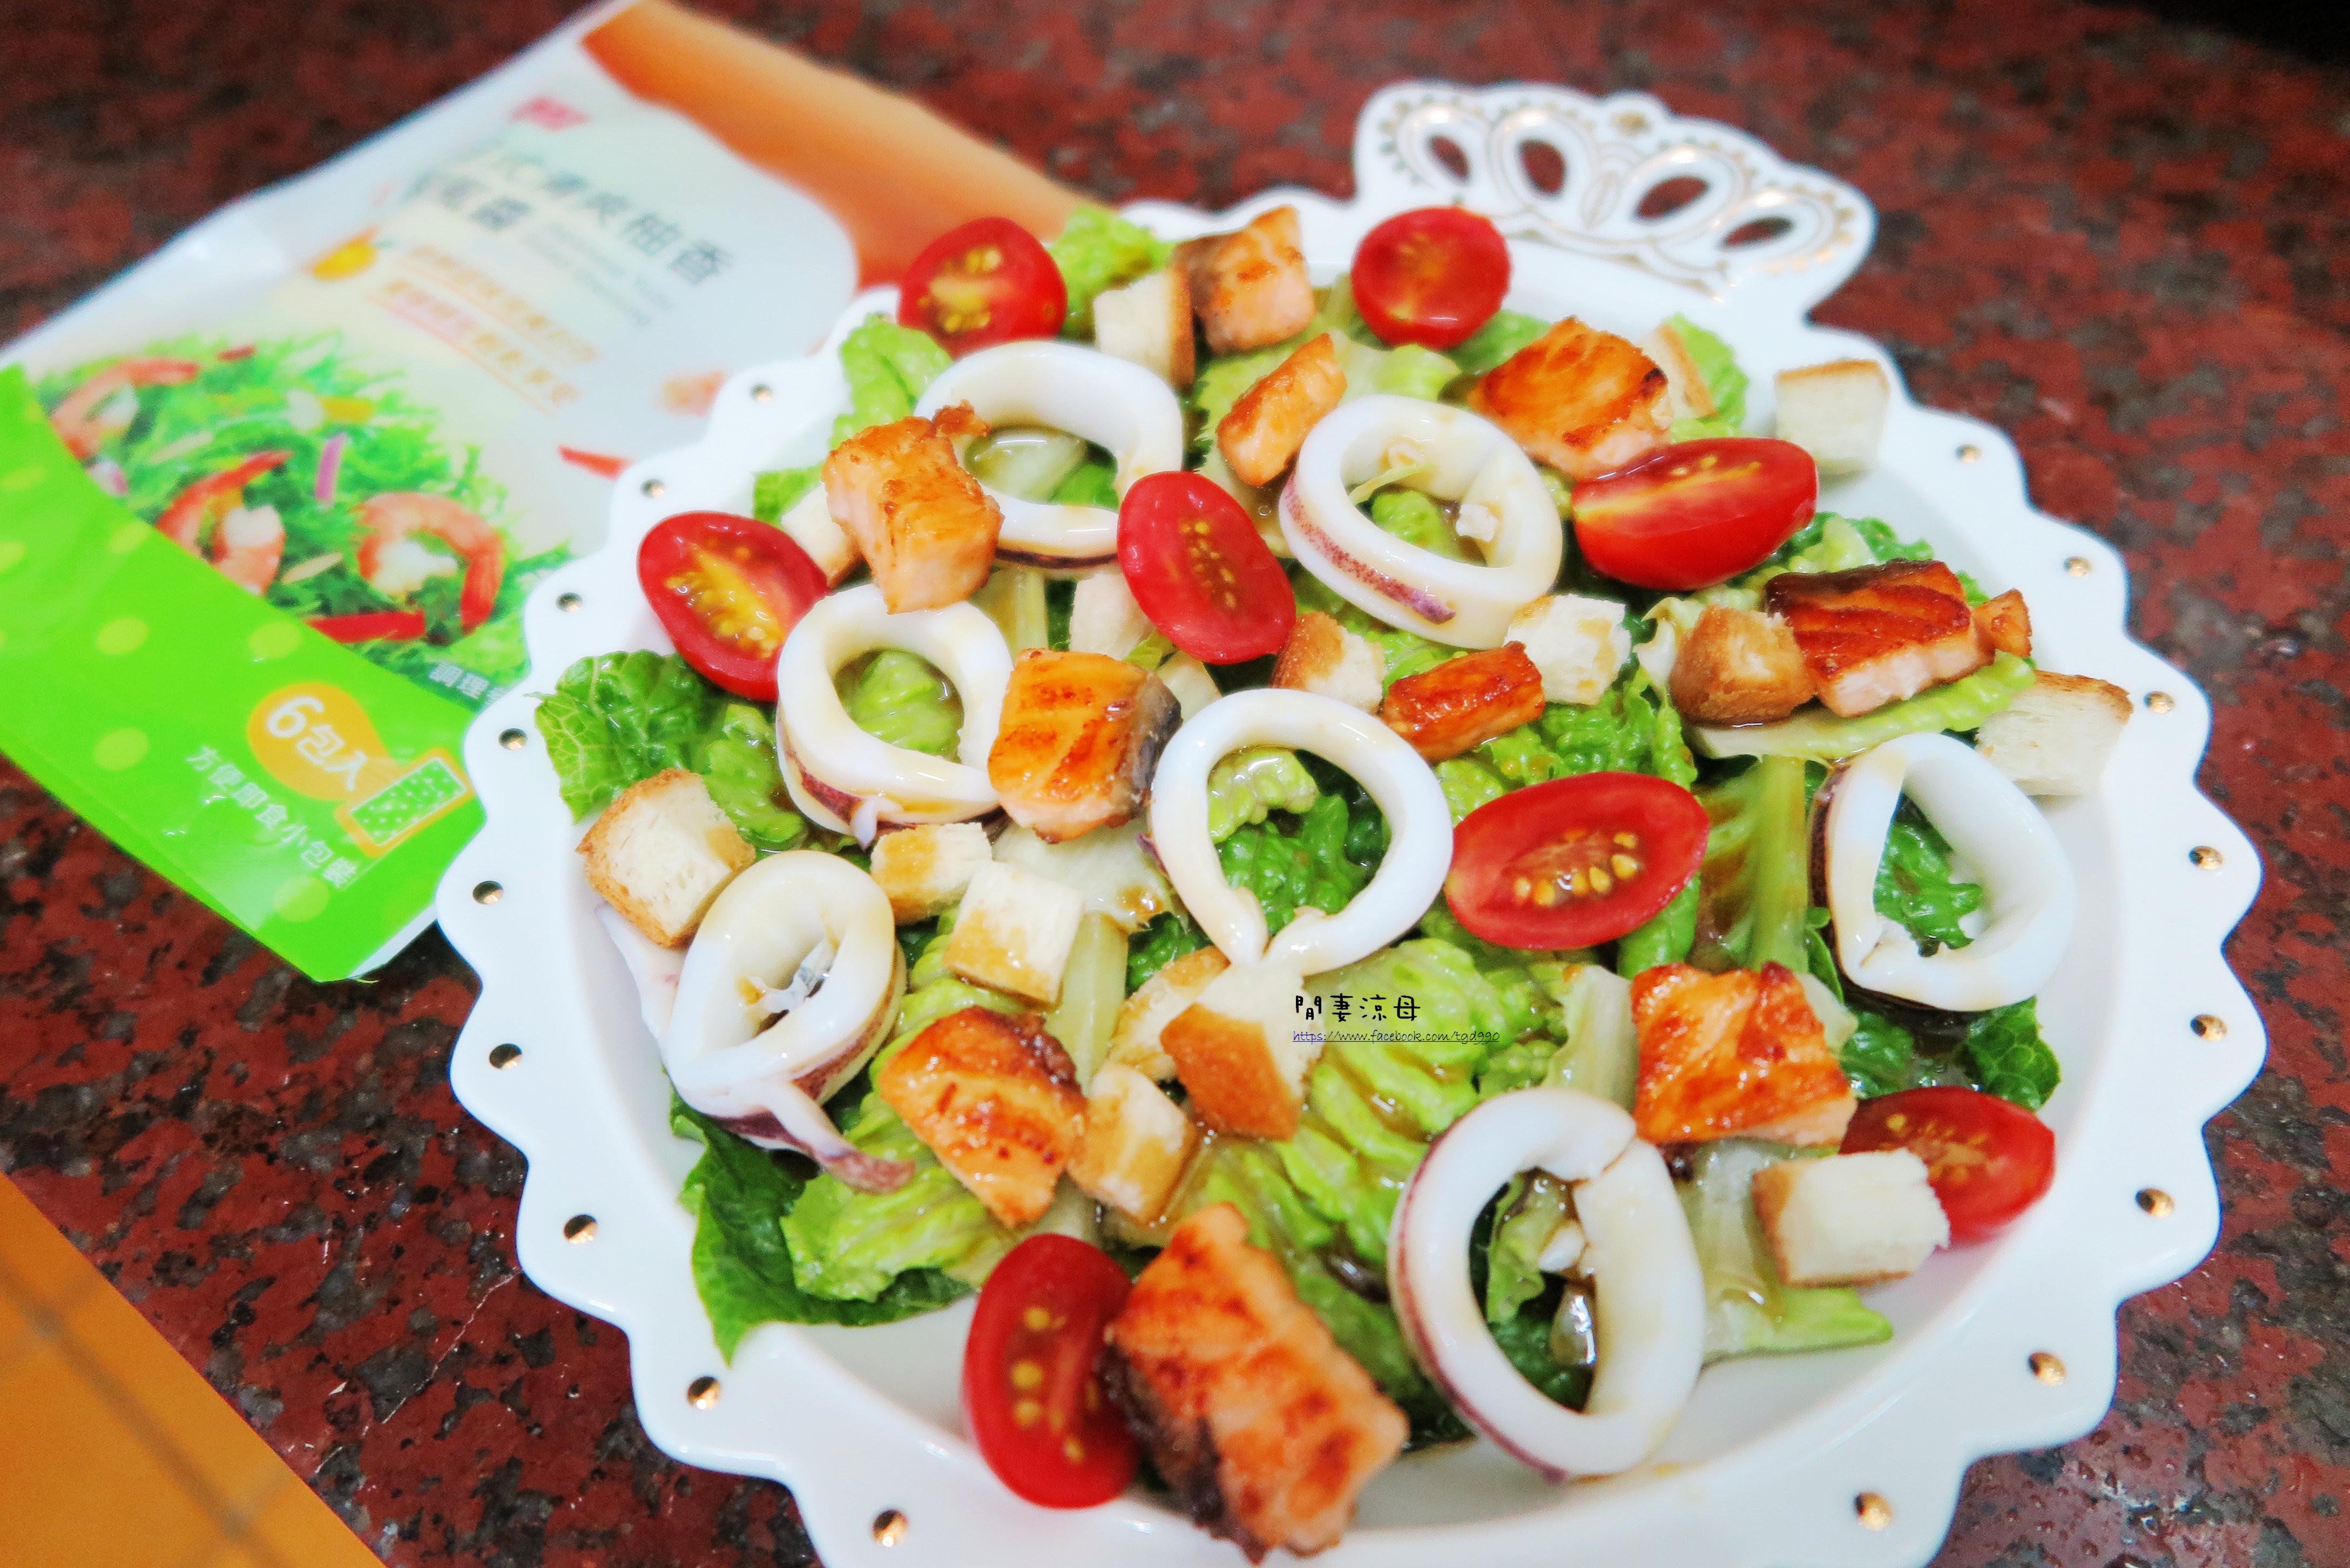 家庭必備之炎夏涼爽就醬拌-桂冠風味沙拉的第 18 張圖片